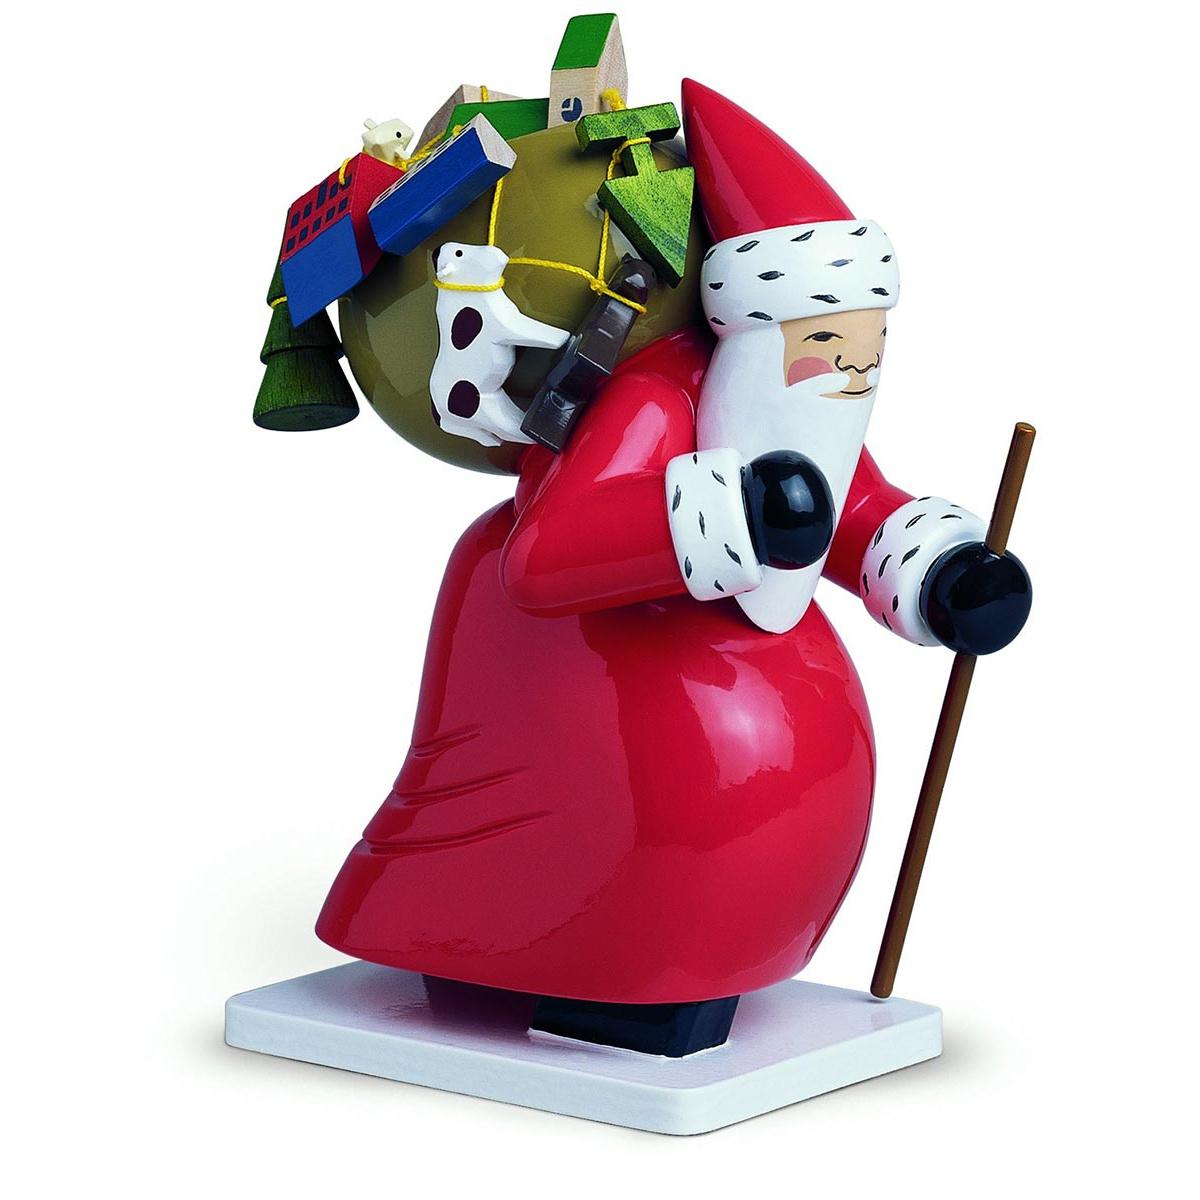 gro er weihnachtsmann mit spielzeug von wendt und k hn f r 185 4 kaufen. Black Bedroom Furniture Sets. Home Design Ideas